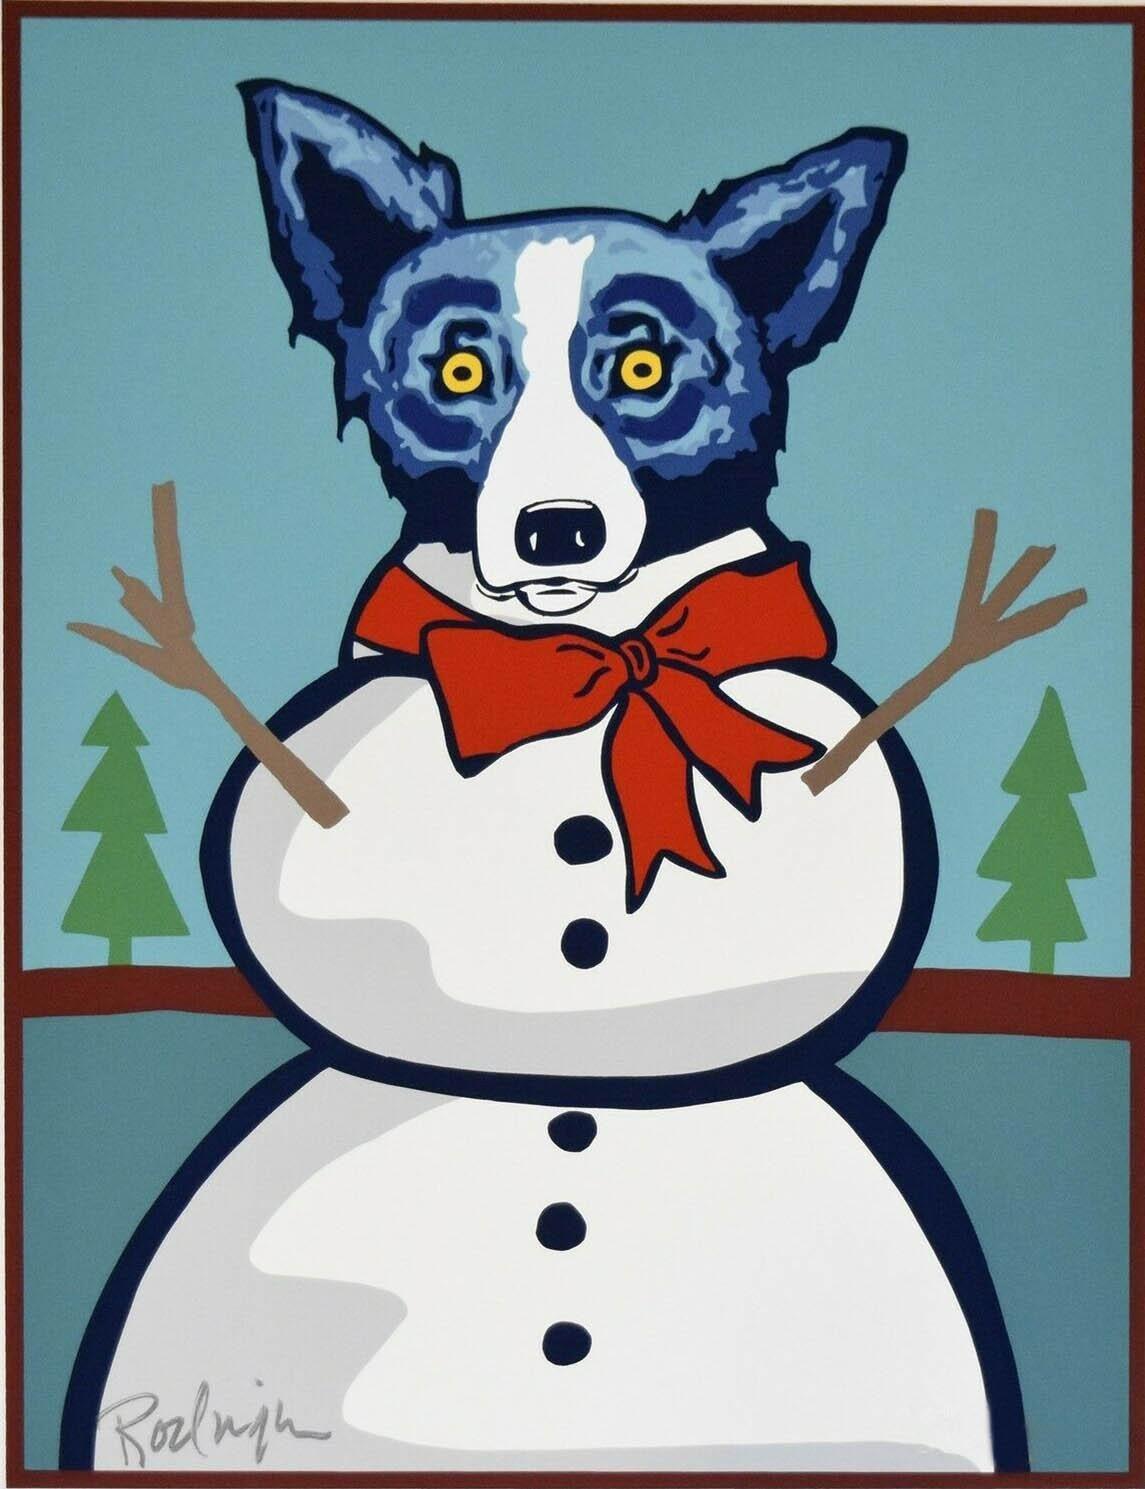 A136 # Джордж Rodrigue голубой собаки Морозный Снеговик Home Decor расписанную HD Печать Картина маслом на холсте стены искусства Холст картинки 200116